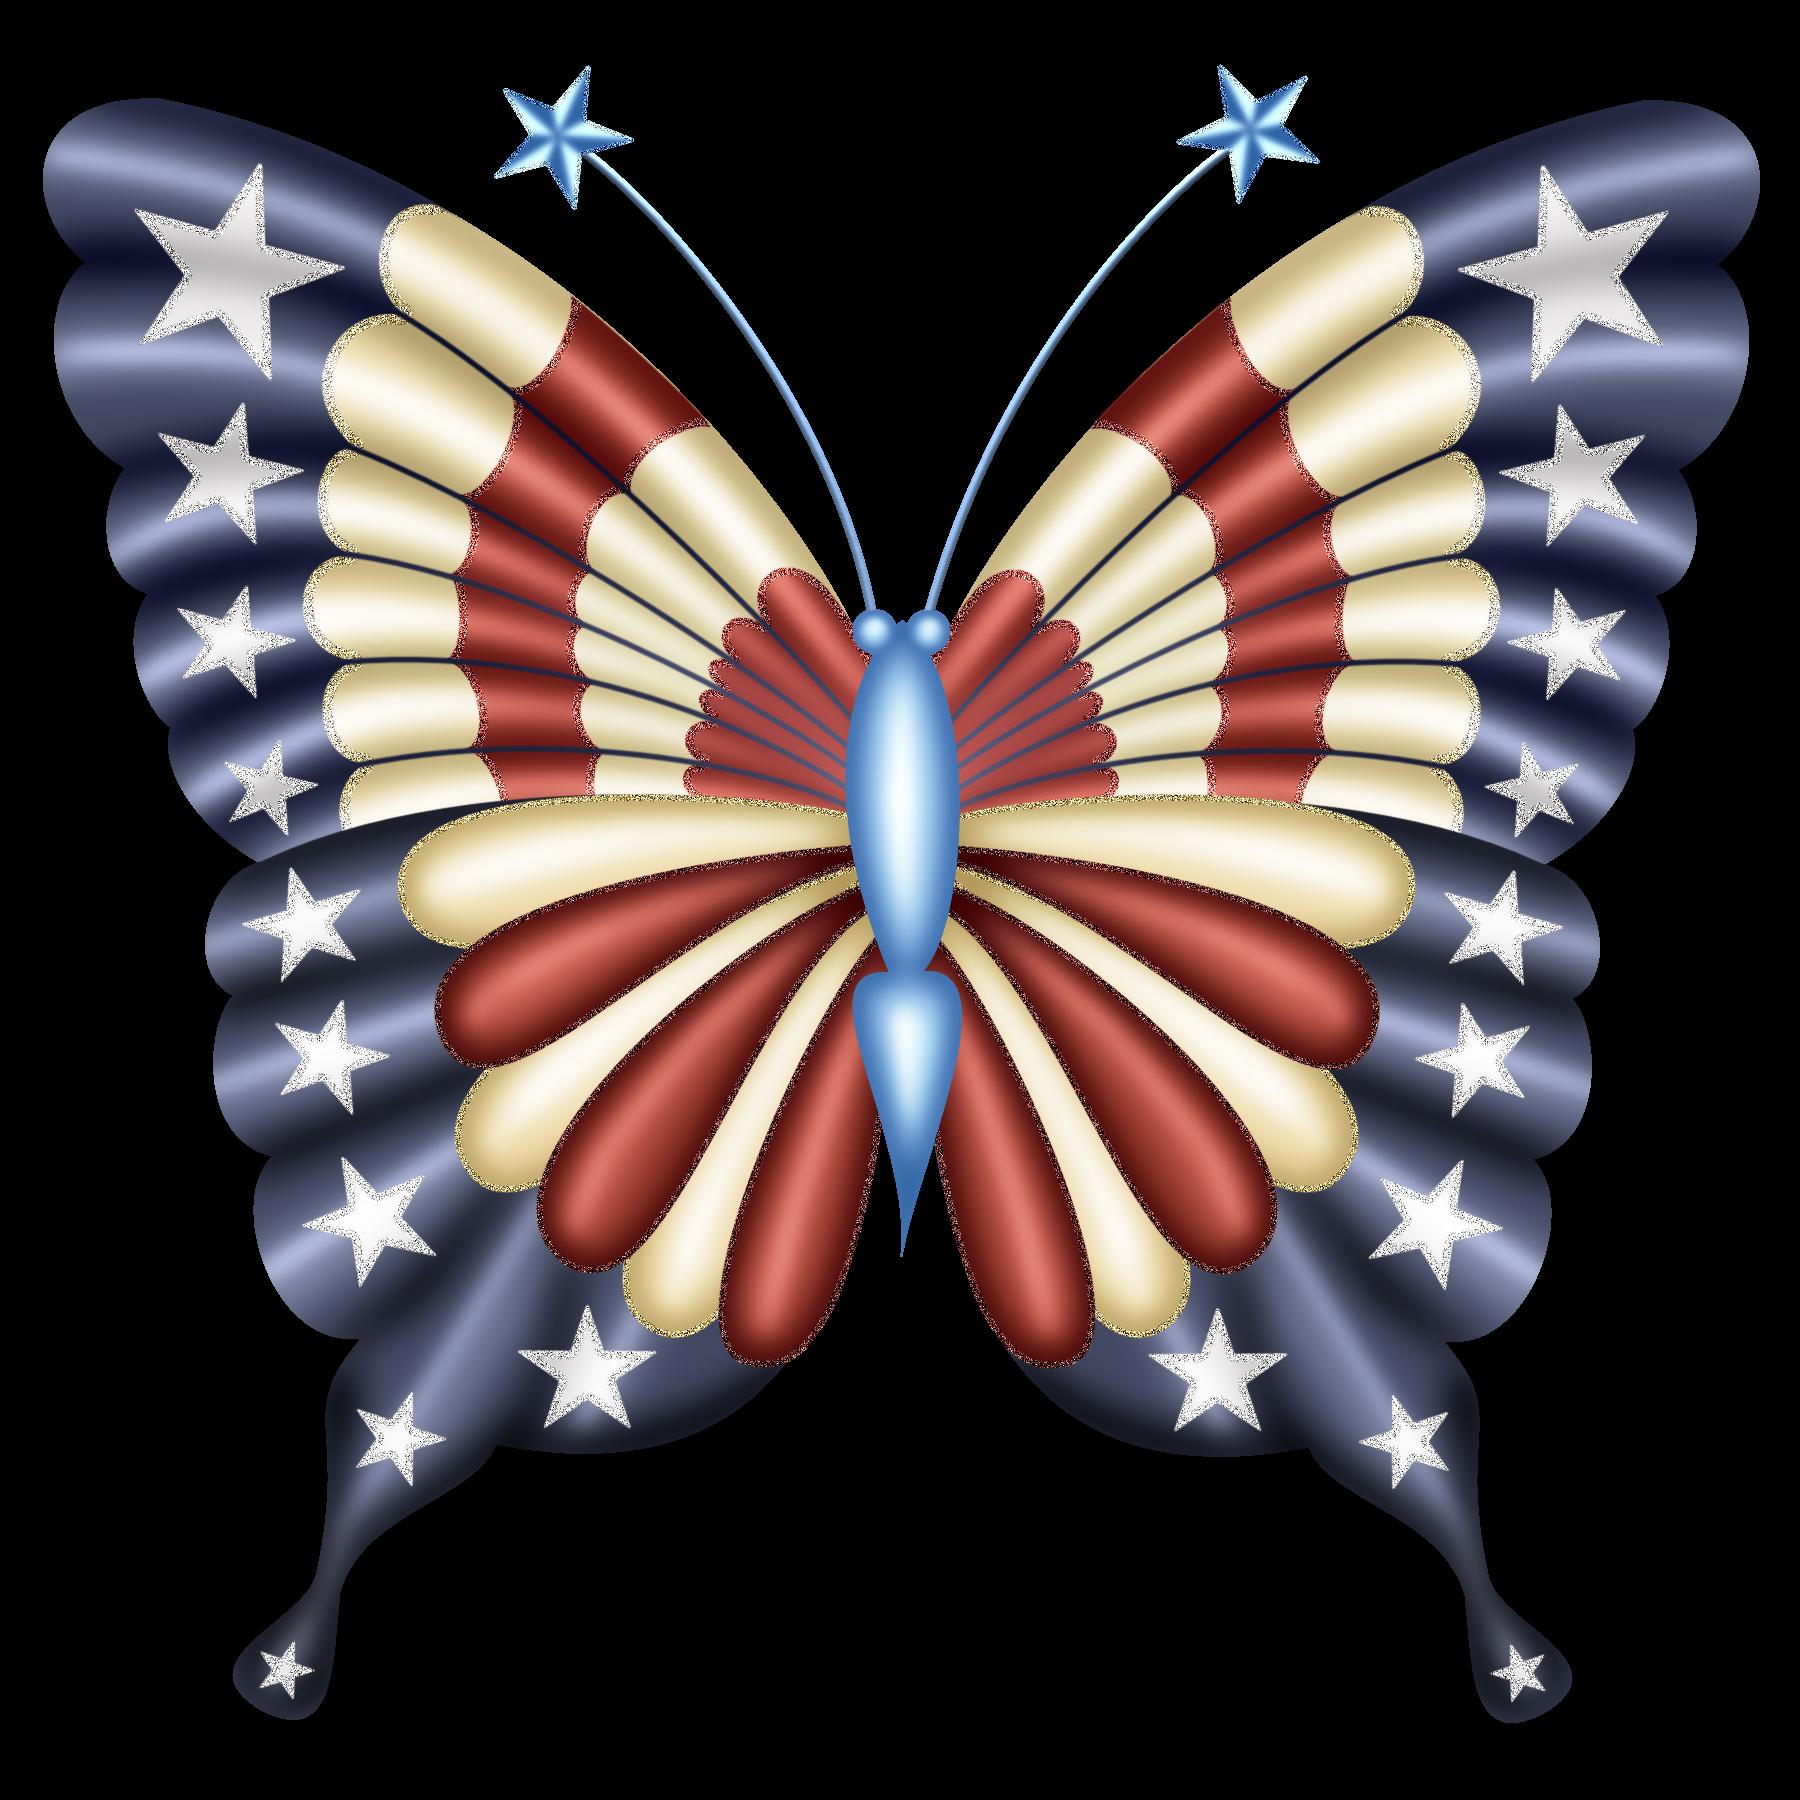 butterflies cricut explore. Clipart butterfly 4th july